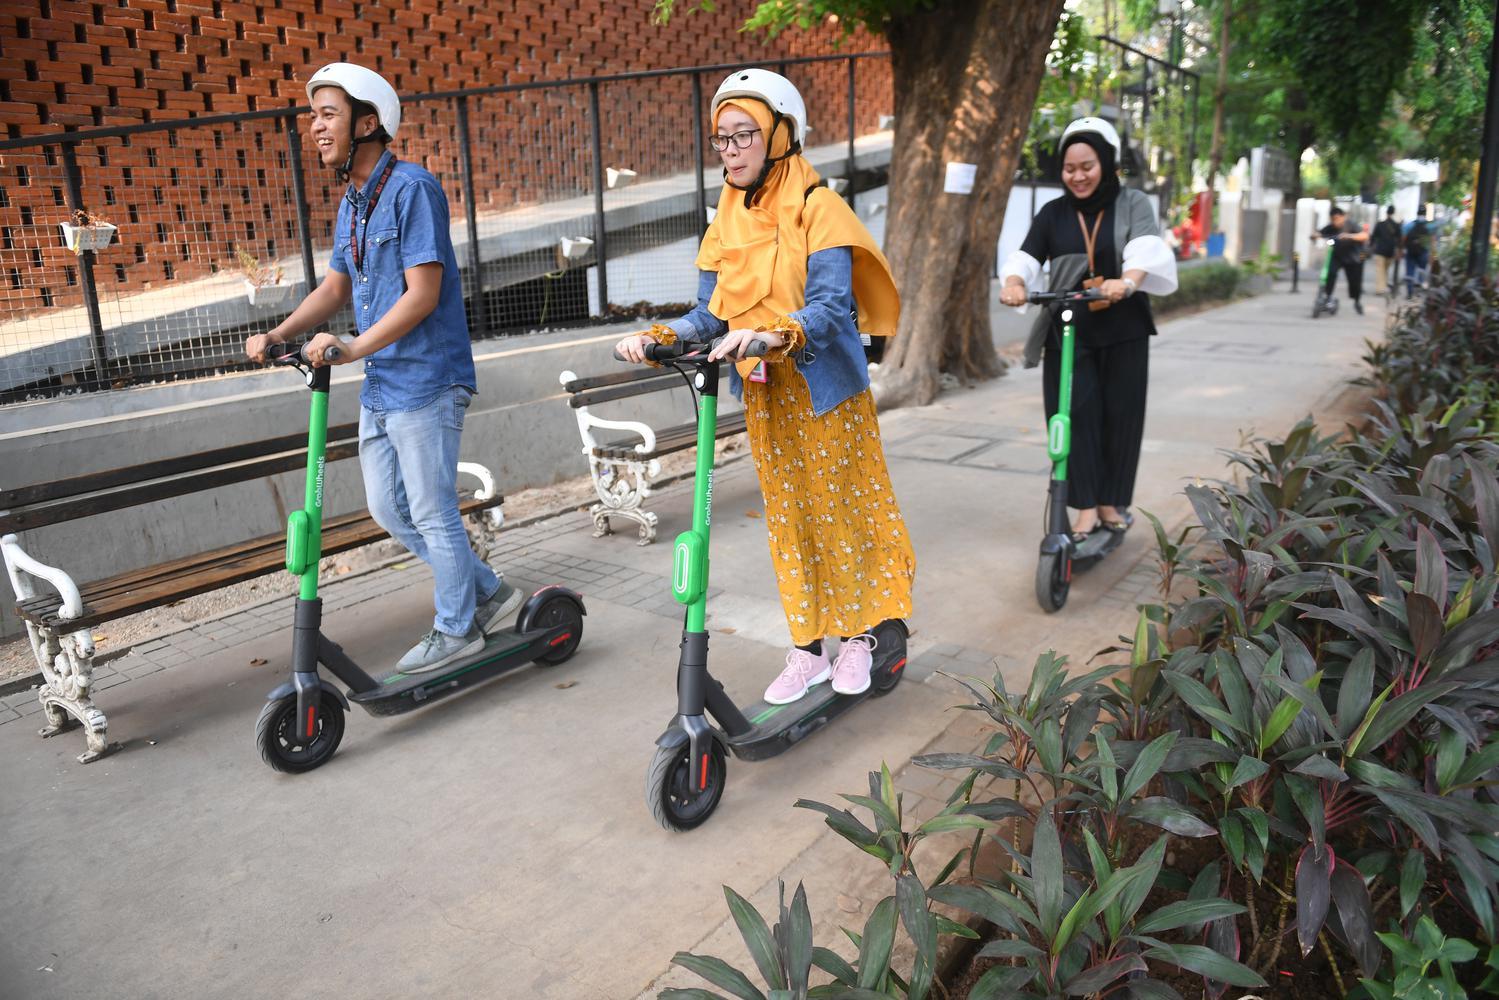 Pengguna jalan menggunakan otopet atau skuter listik di Jakarta, Rabu (16/10/19). Grab akan mendorong penggunaan GrabWheels dan sepeda listrik di Jakarta dan Bali.